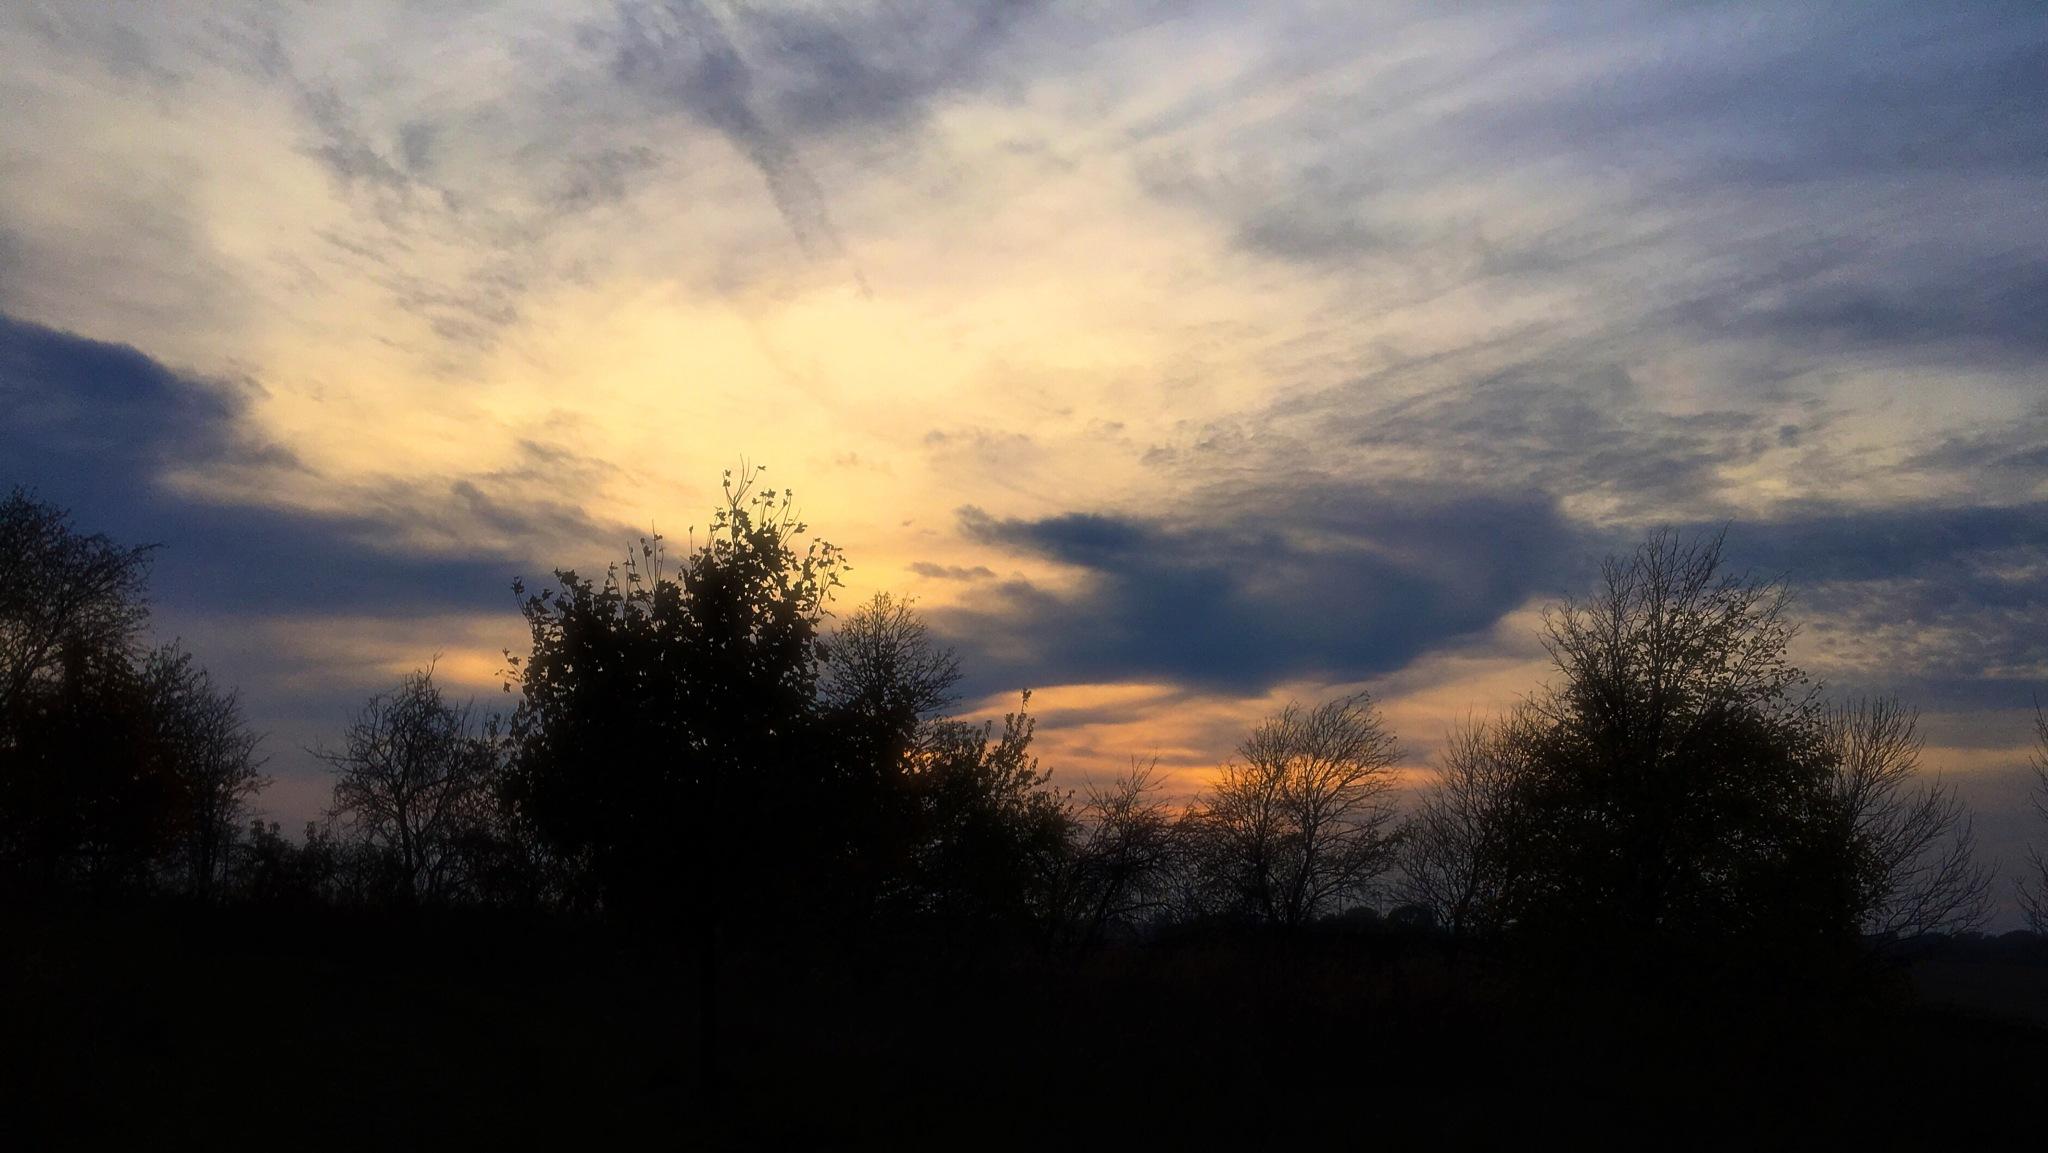 Autumn Sky by Mark Hootman